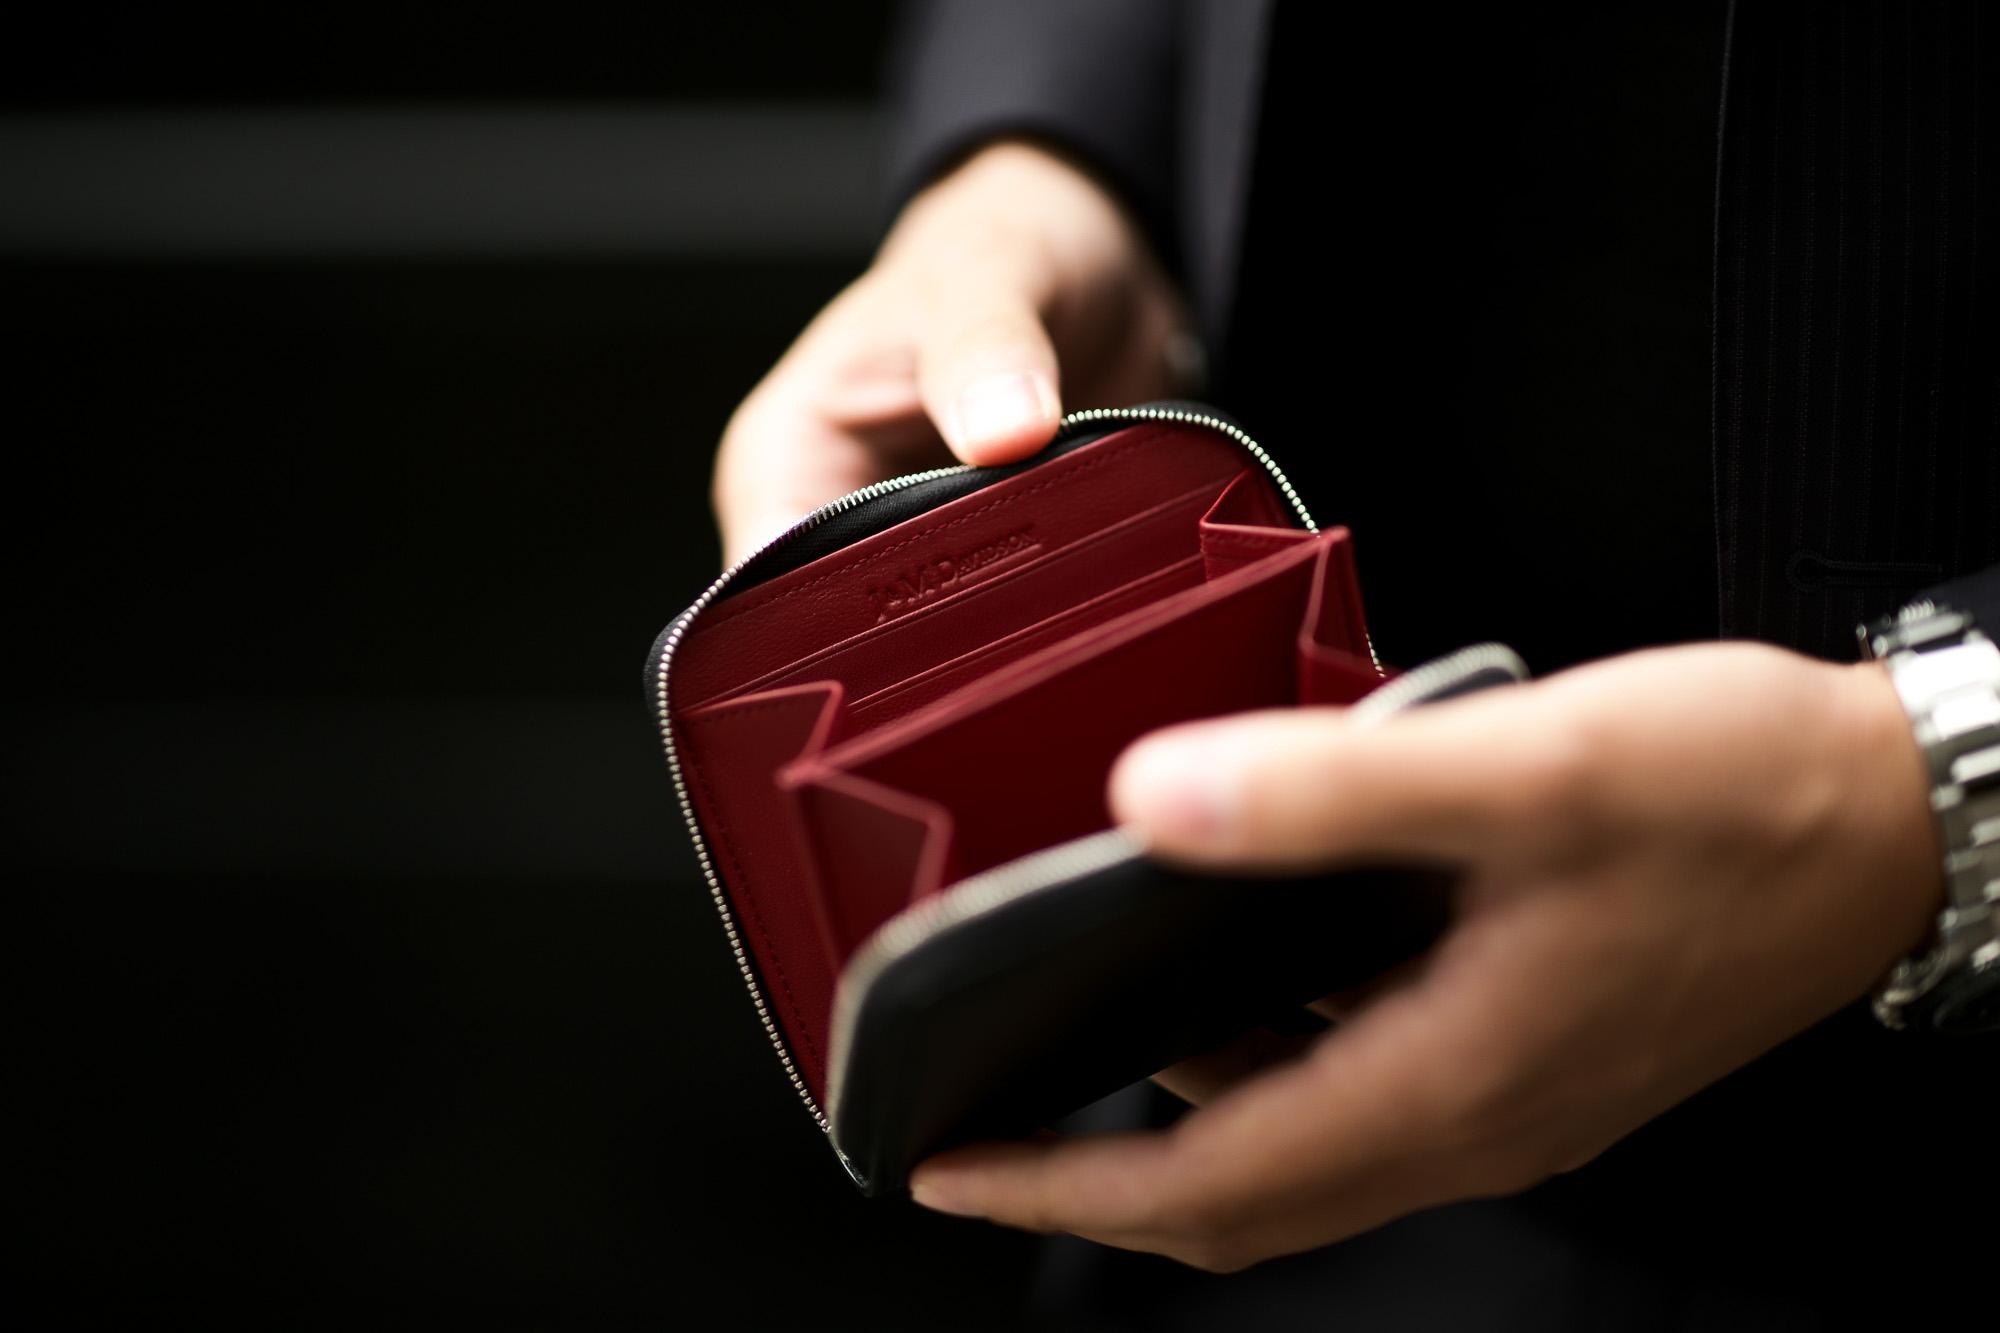 J&M DAVIDSON(ジェイアンドエムデヴィッドソン) SMALL ZIP AROUND PURSE (スモール ジップ アラウンド パース) SAFFIANO (サフィアーノ) レザー ショートウォレット 折財布 BLACK (ブラック・9990) Made in spain (スペイン製)  2020 愛知 名古屋 altoediritto アルトエデリット